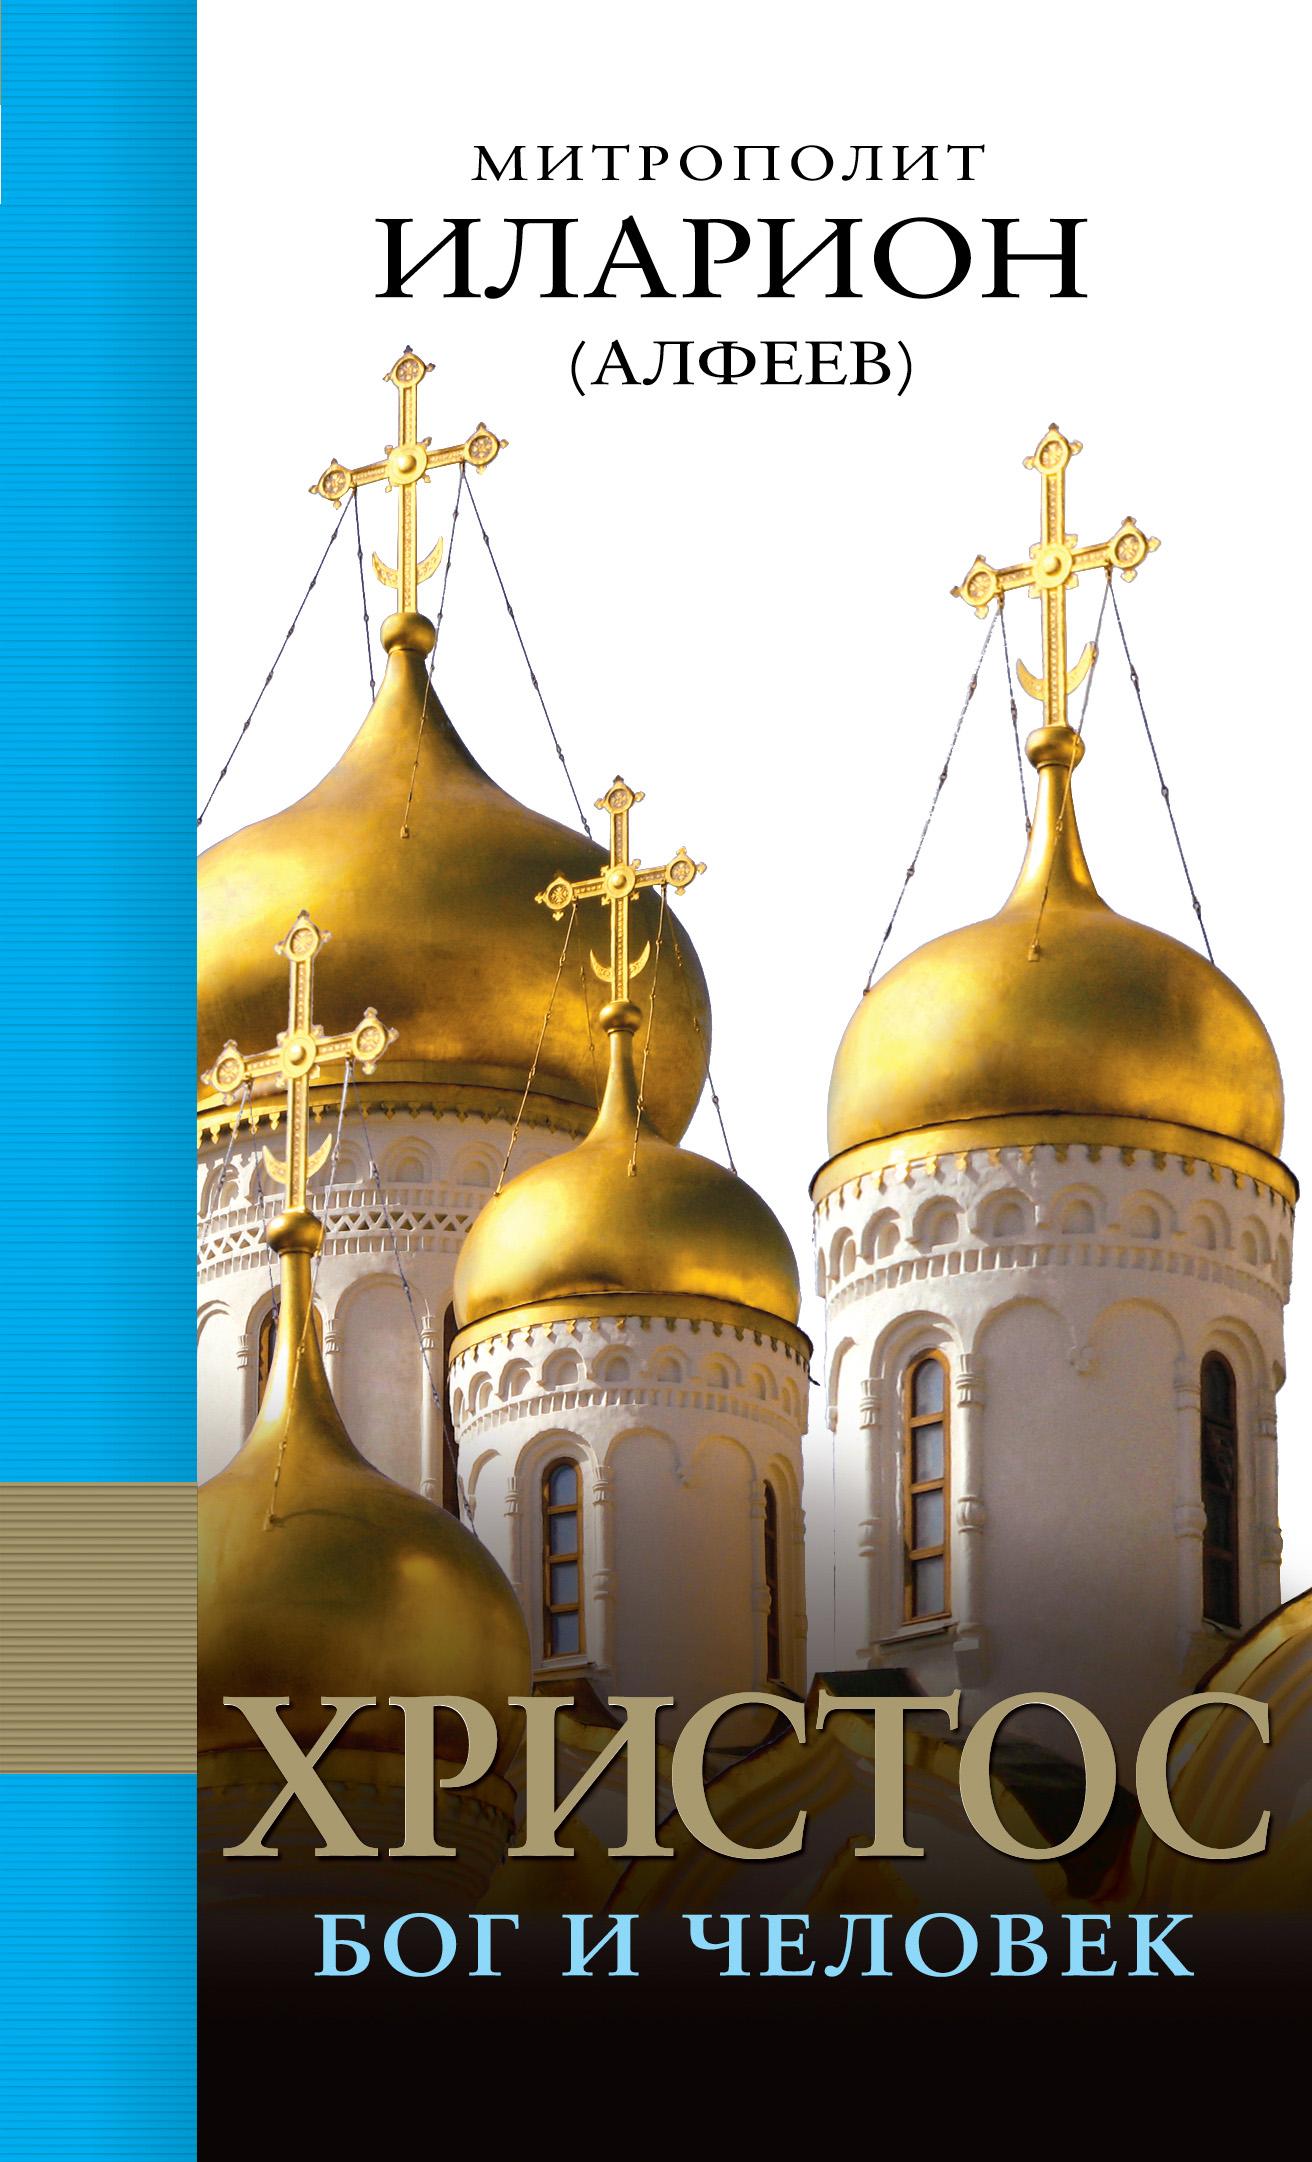 Митрополит Иларион (Алфеев) Христос: Бог и Человек митрополит иларион алфеев конец времен православное учение